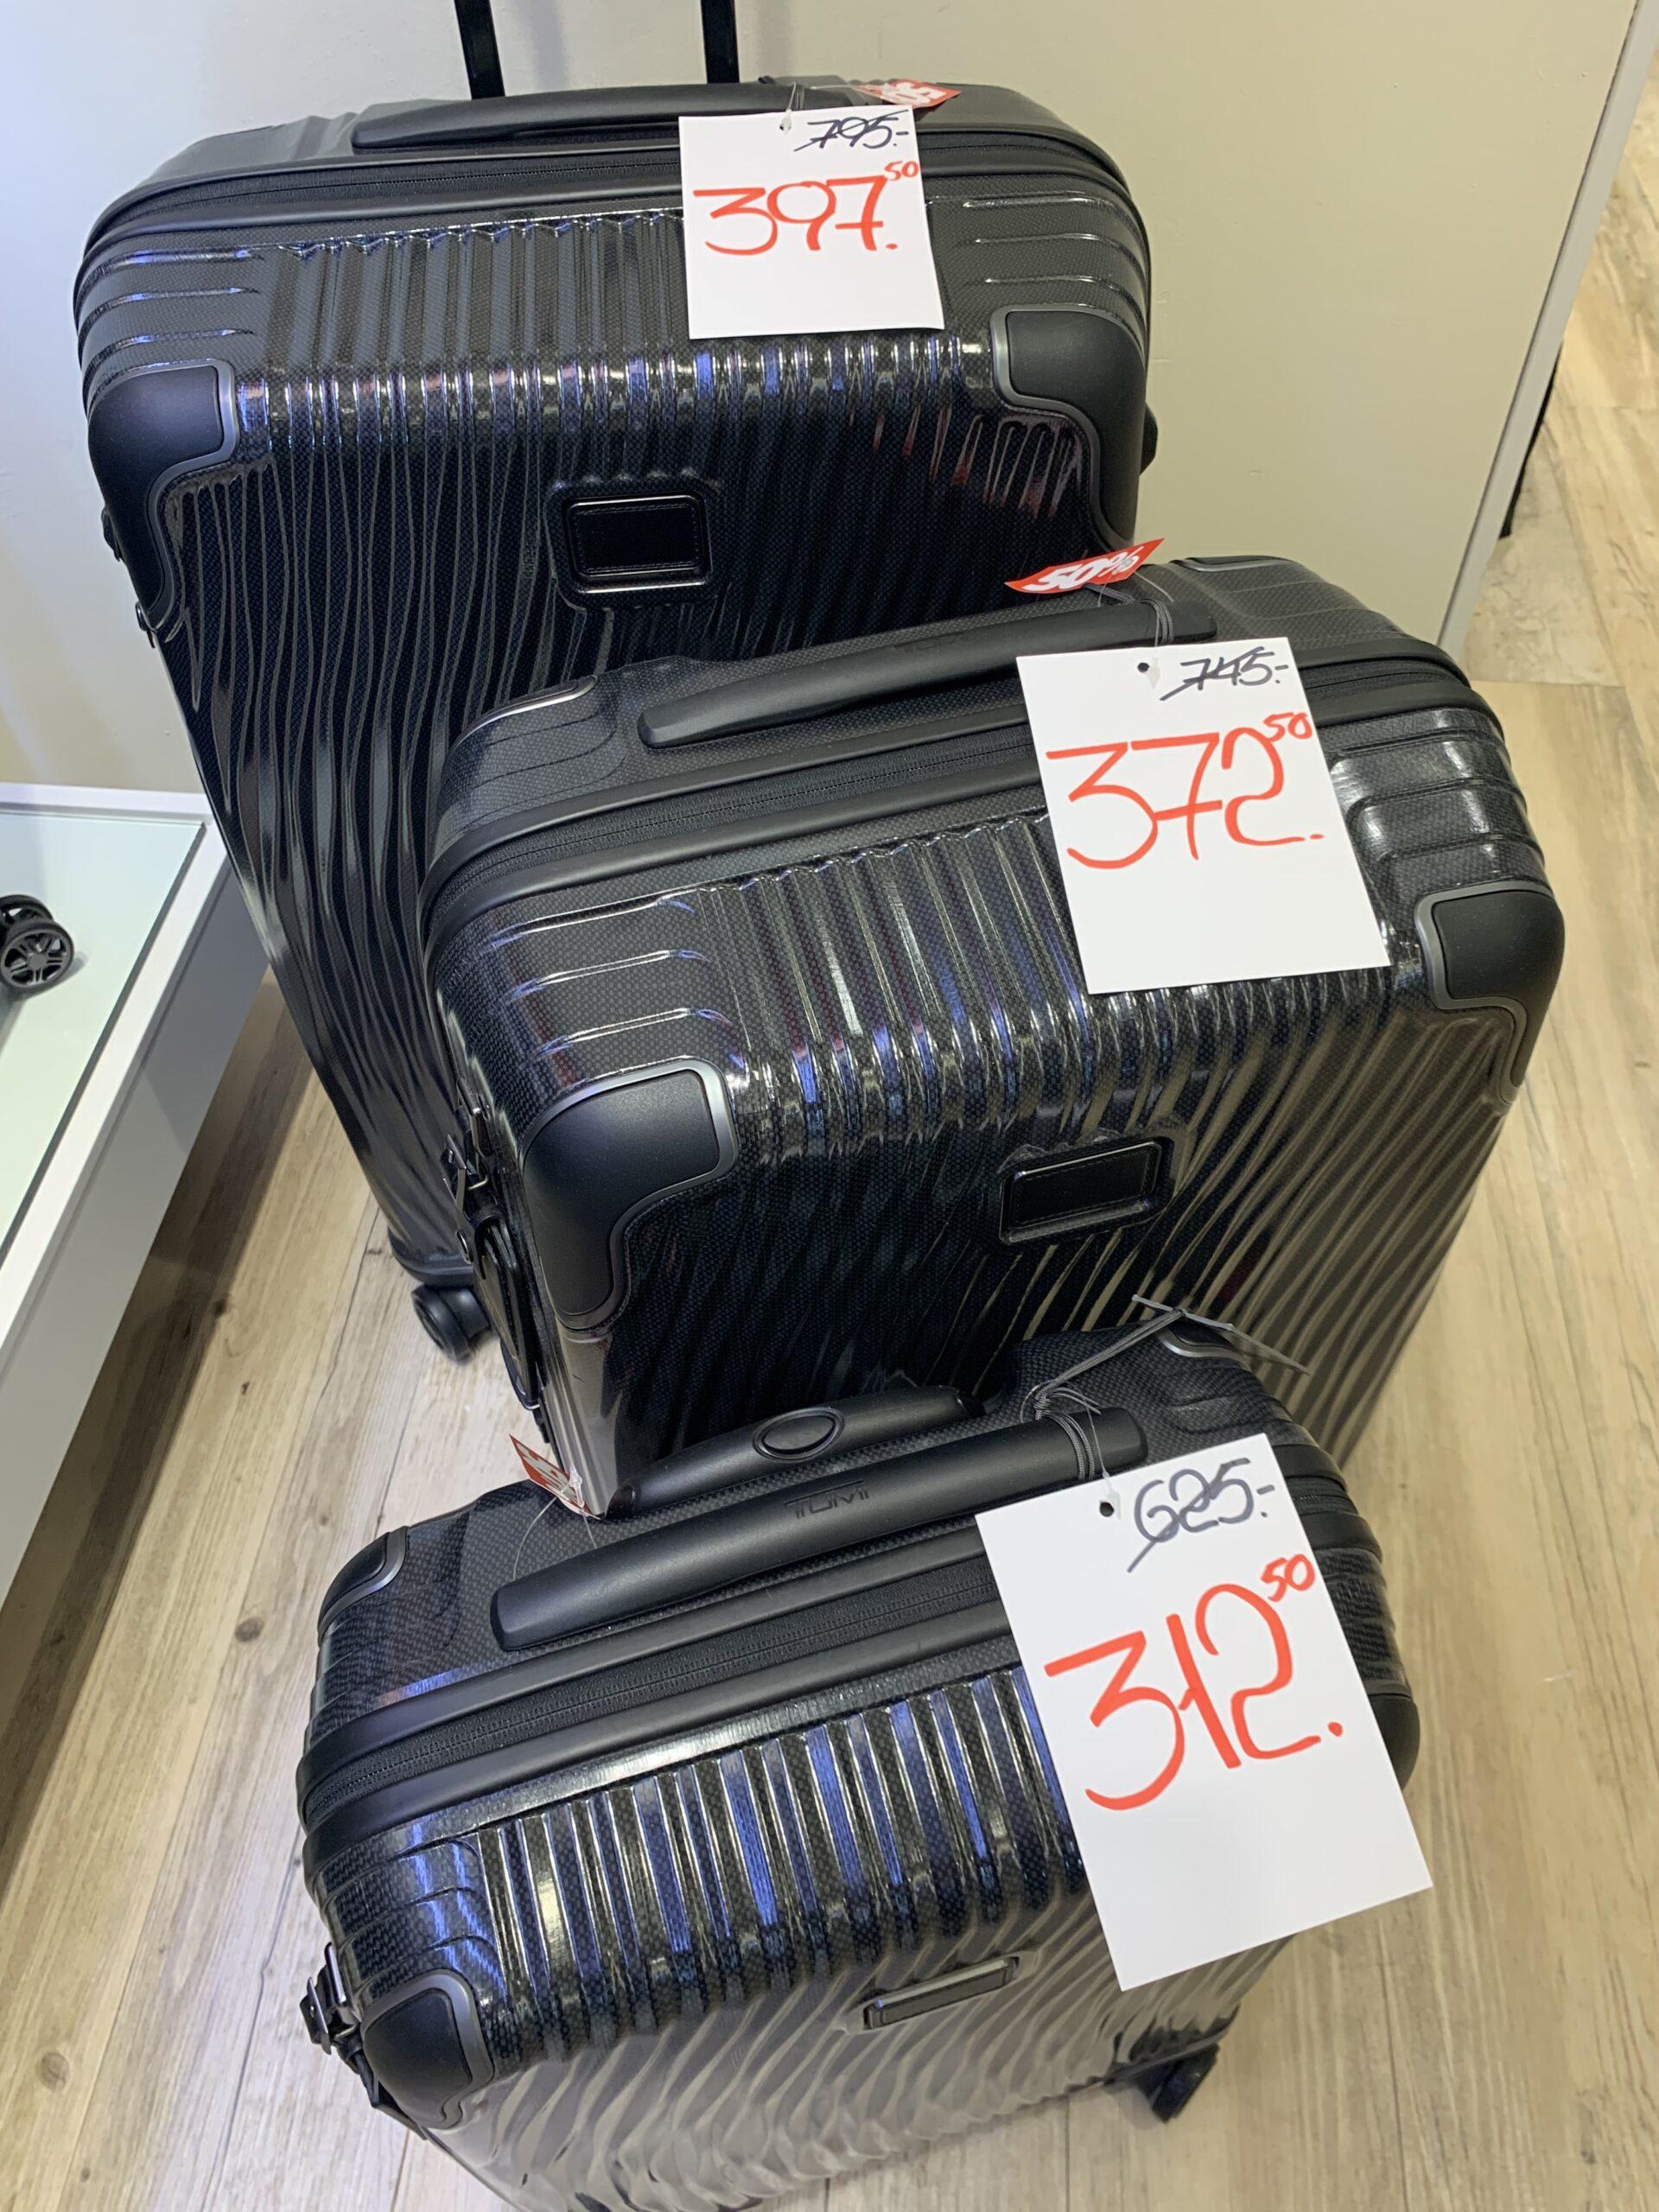 Marken Koffer günstig kaufen - Jubiläumsverkauf bei Fellmer in Bielefeld Obernstr. 7